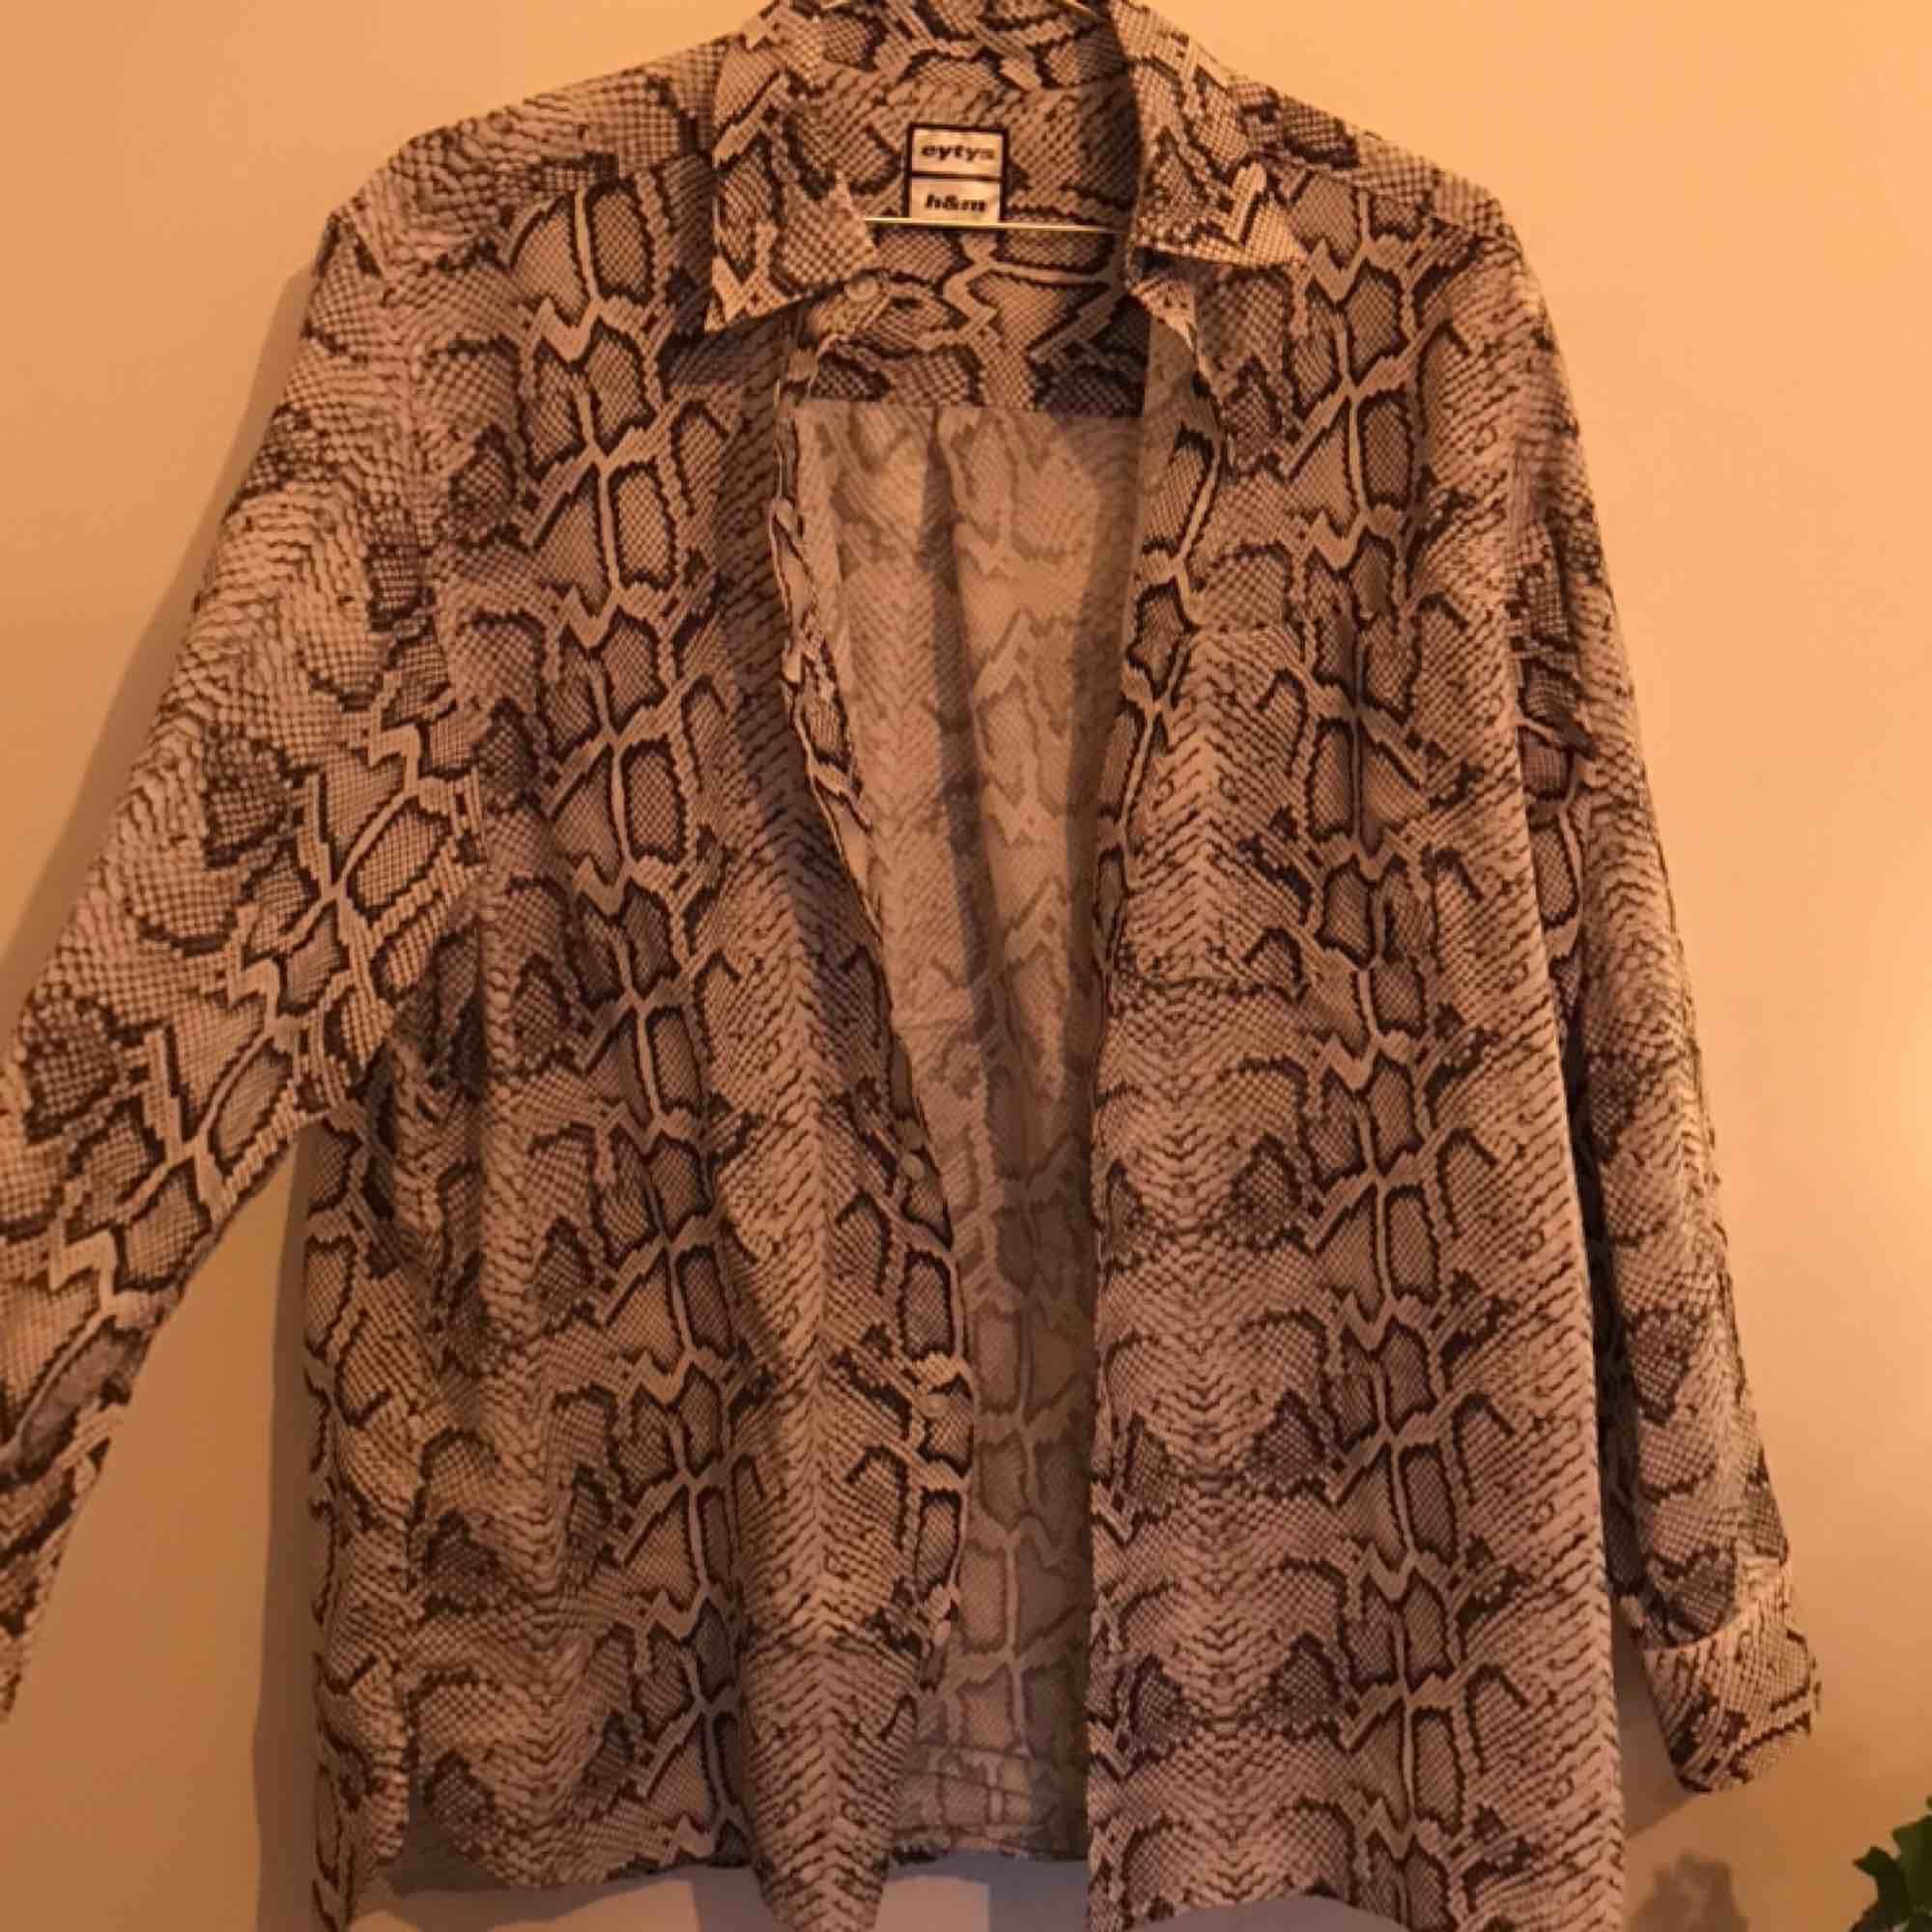 Ormmönstrad skjorta från Eytys kollektion med H&M. Använd max 3 gånger och i väldigt bra skick. Den är ganska oversized så kan passa olika storlekar. Skriv för mer bilder/info. Kan mötas upp i Gbg/köparen står för frakt❤️. Skjortor.